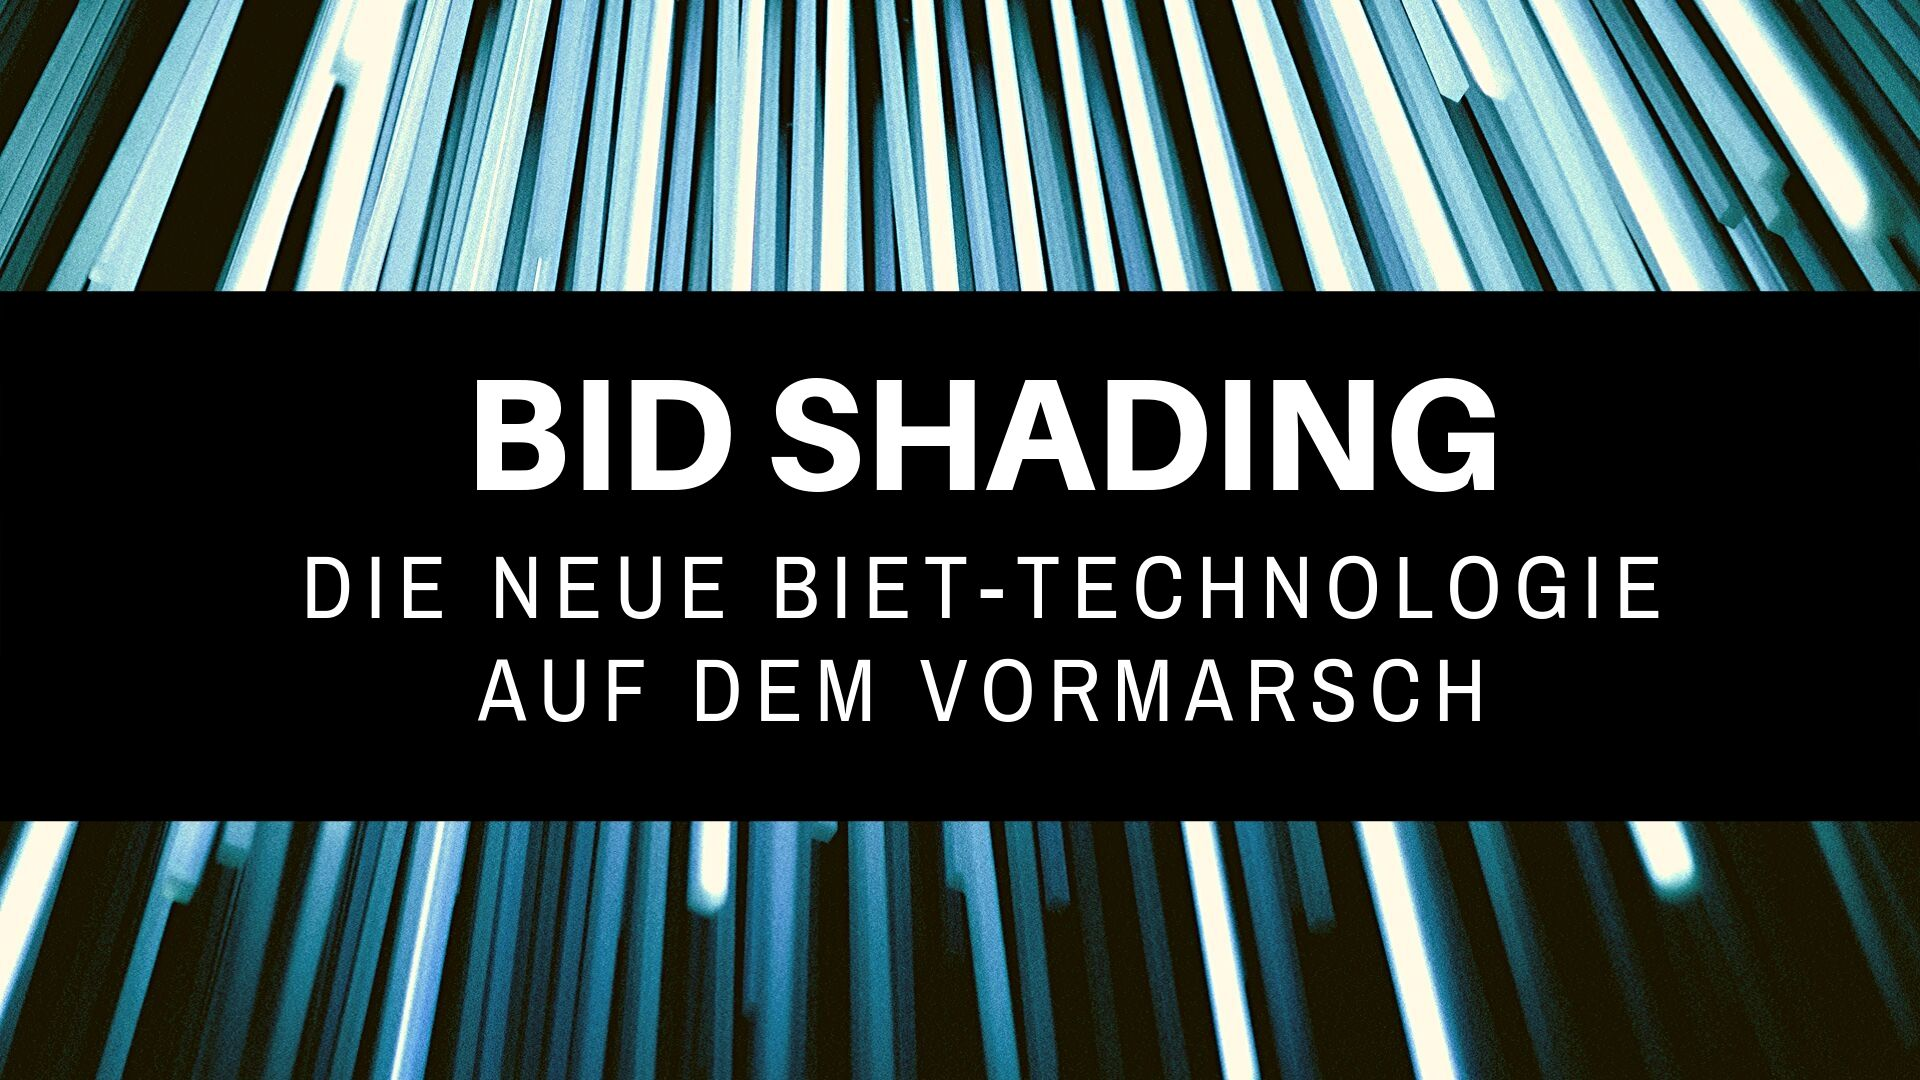 Bid Shading: Die neue Biet-Technologie auf dem Vormarsch